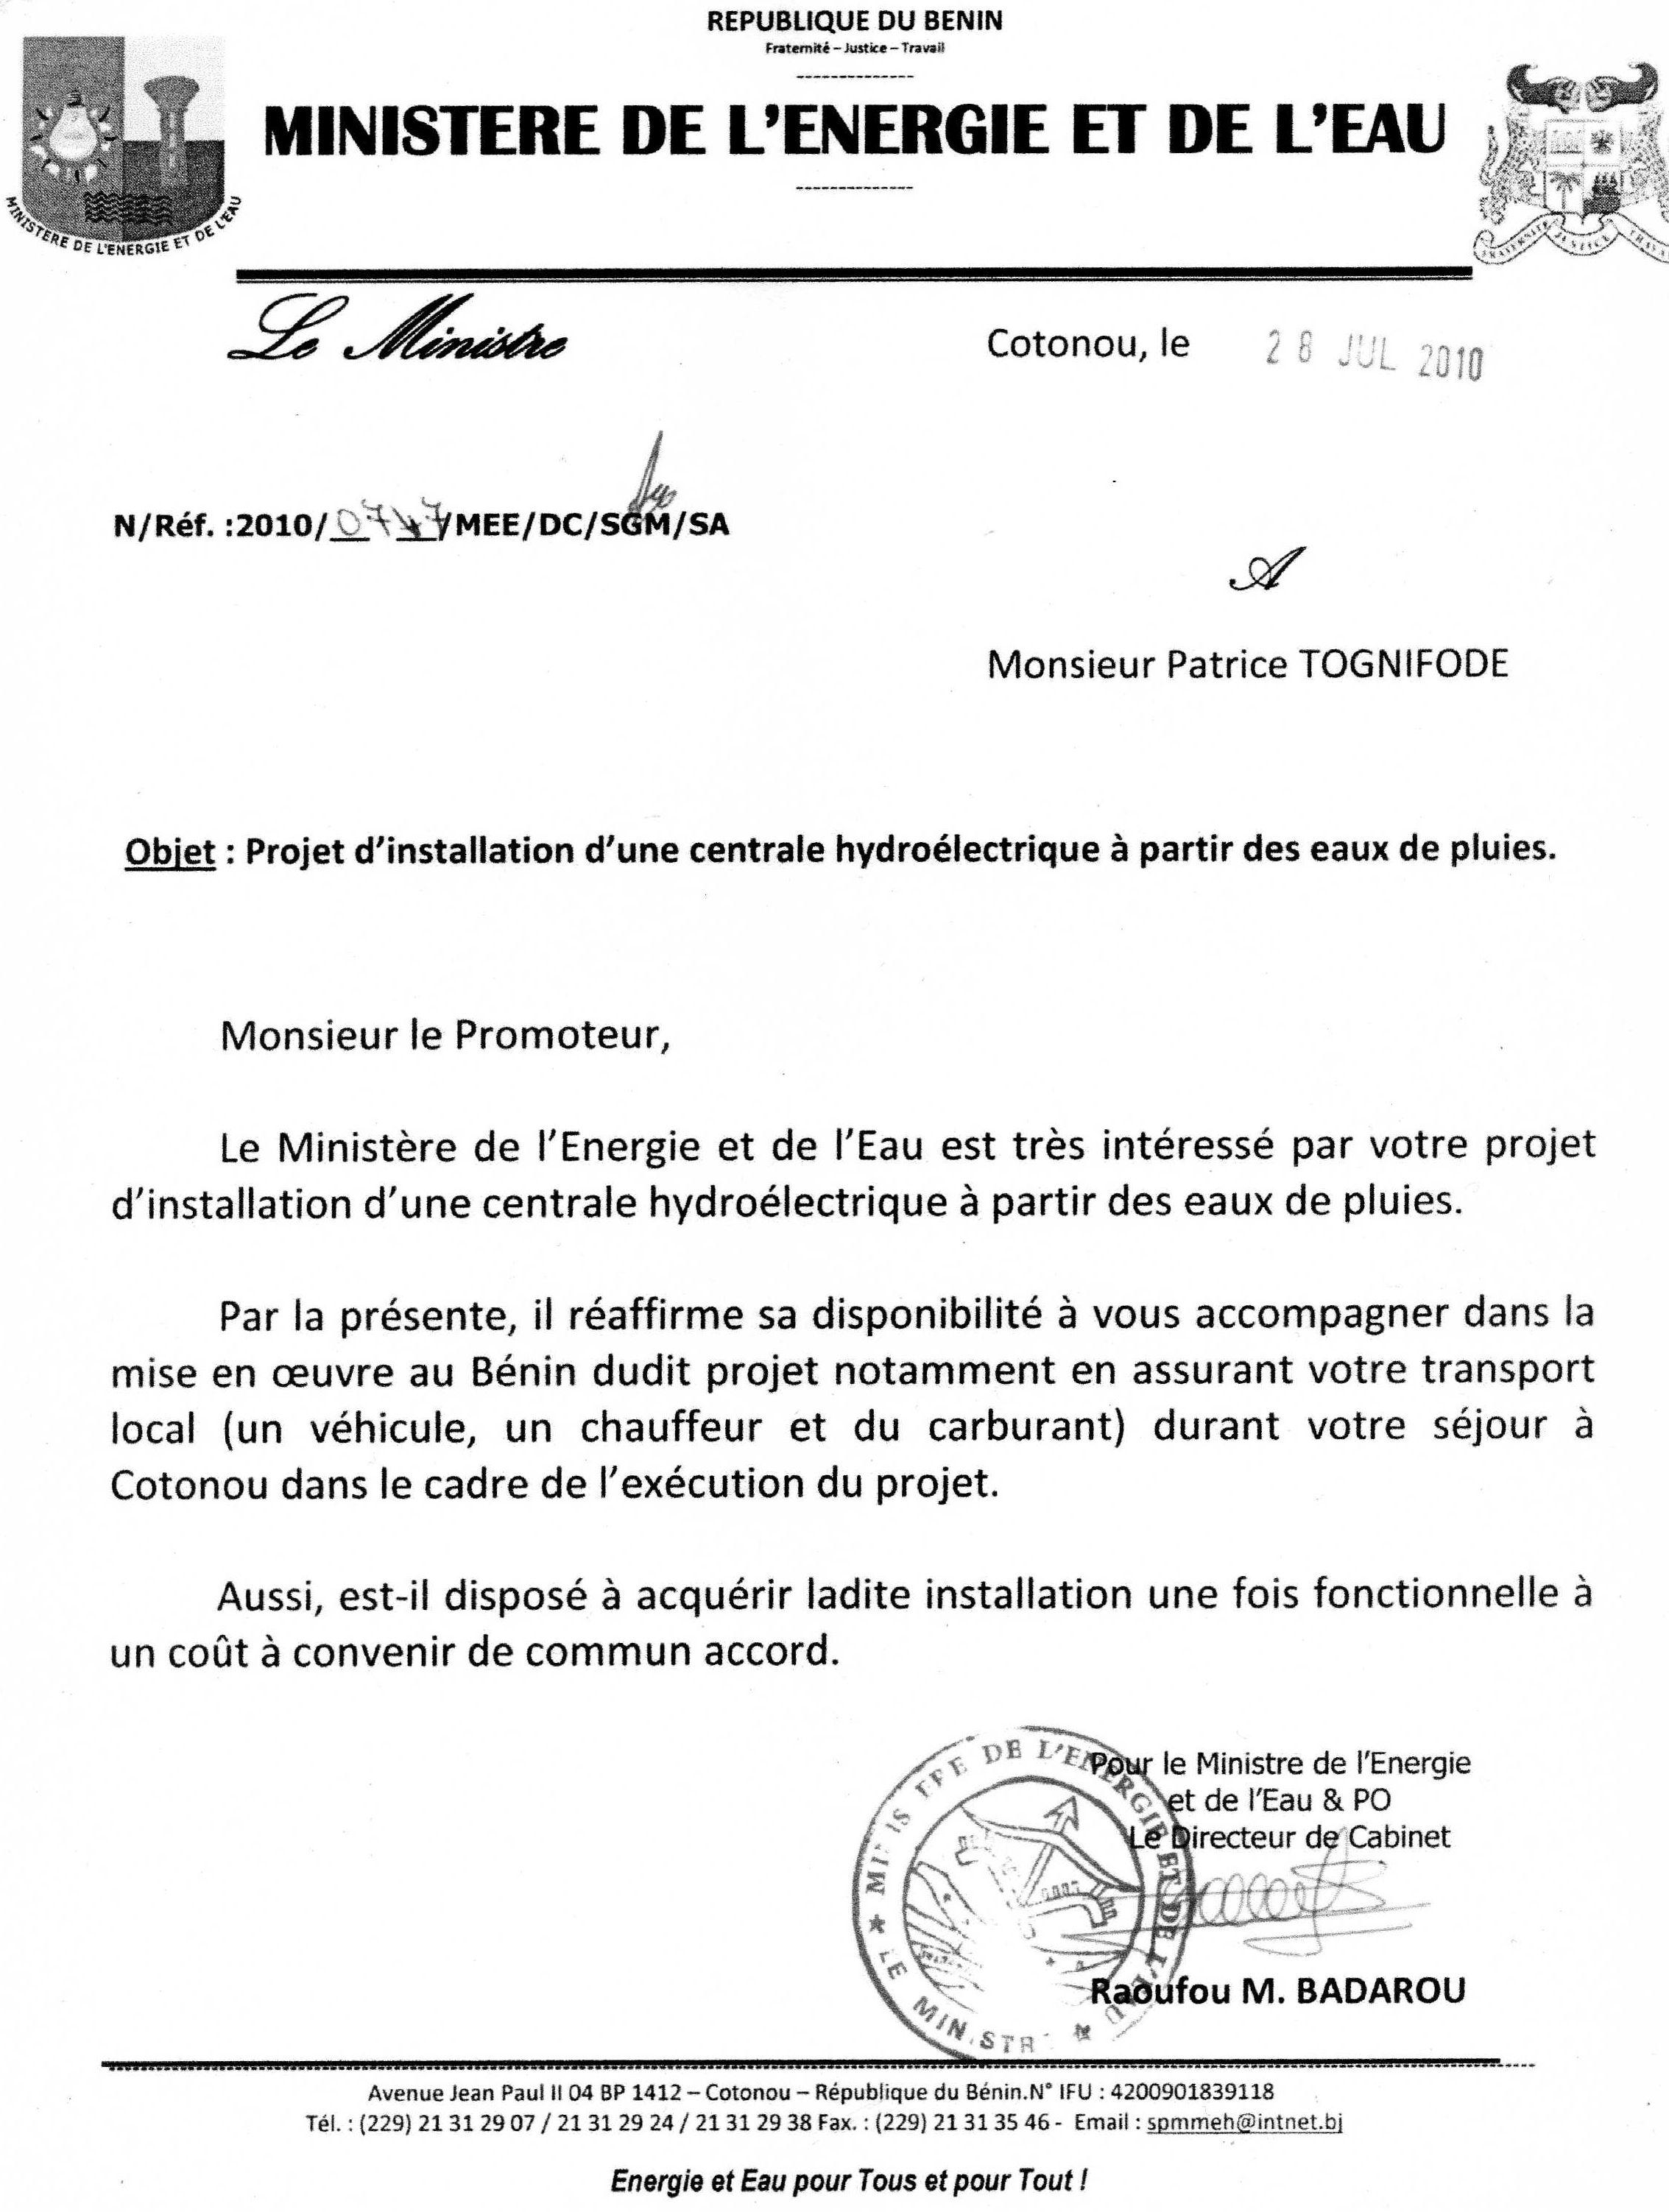 Ministere-energie-Benin